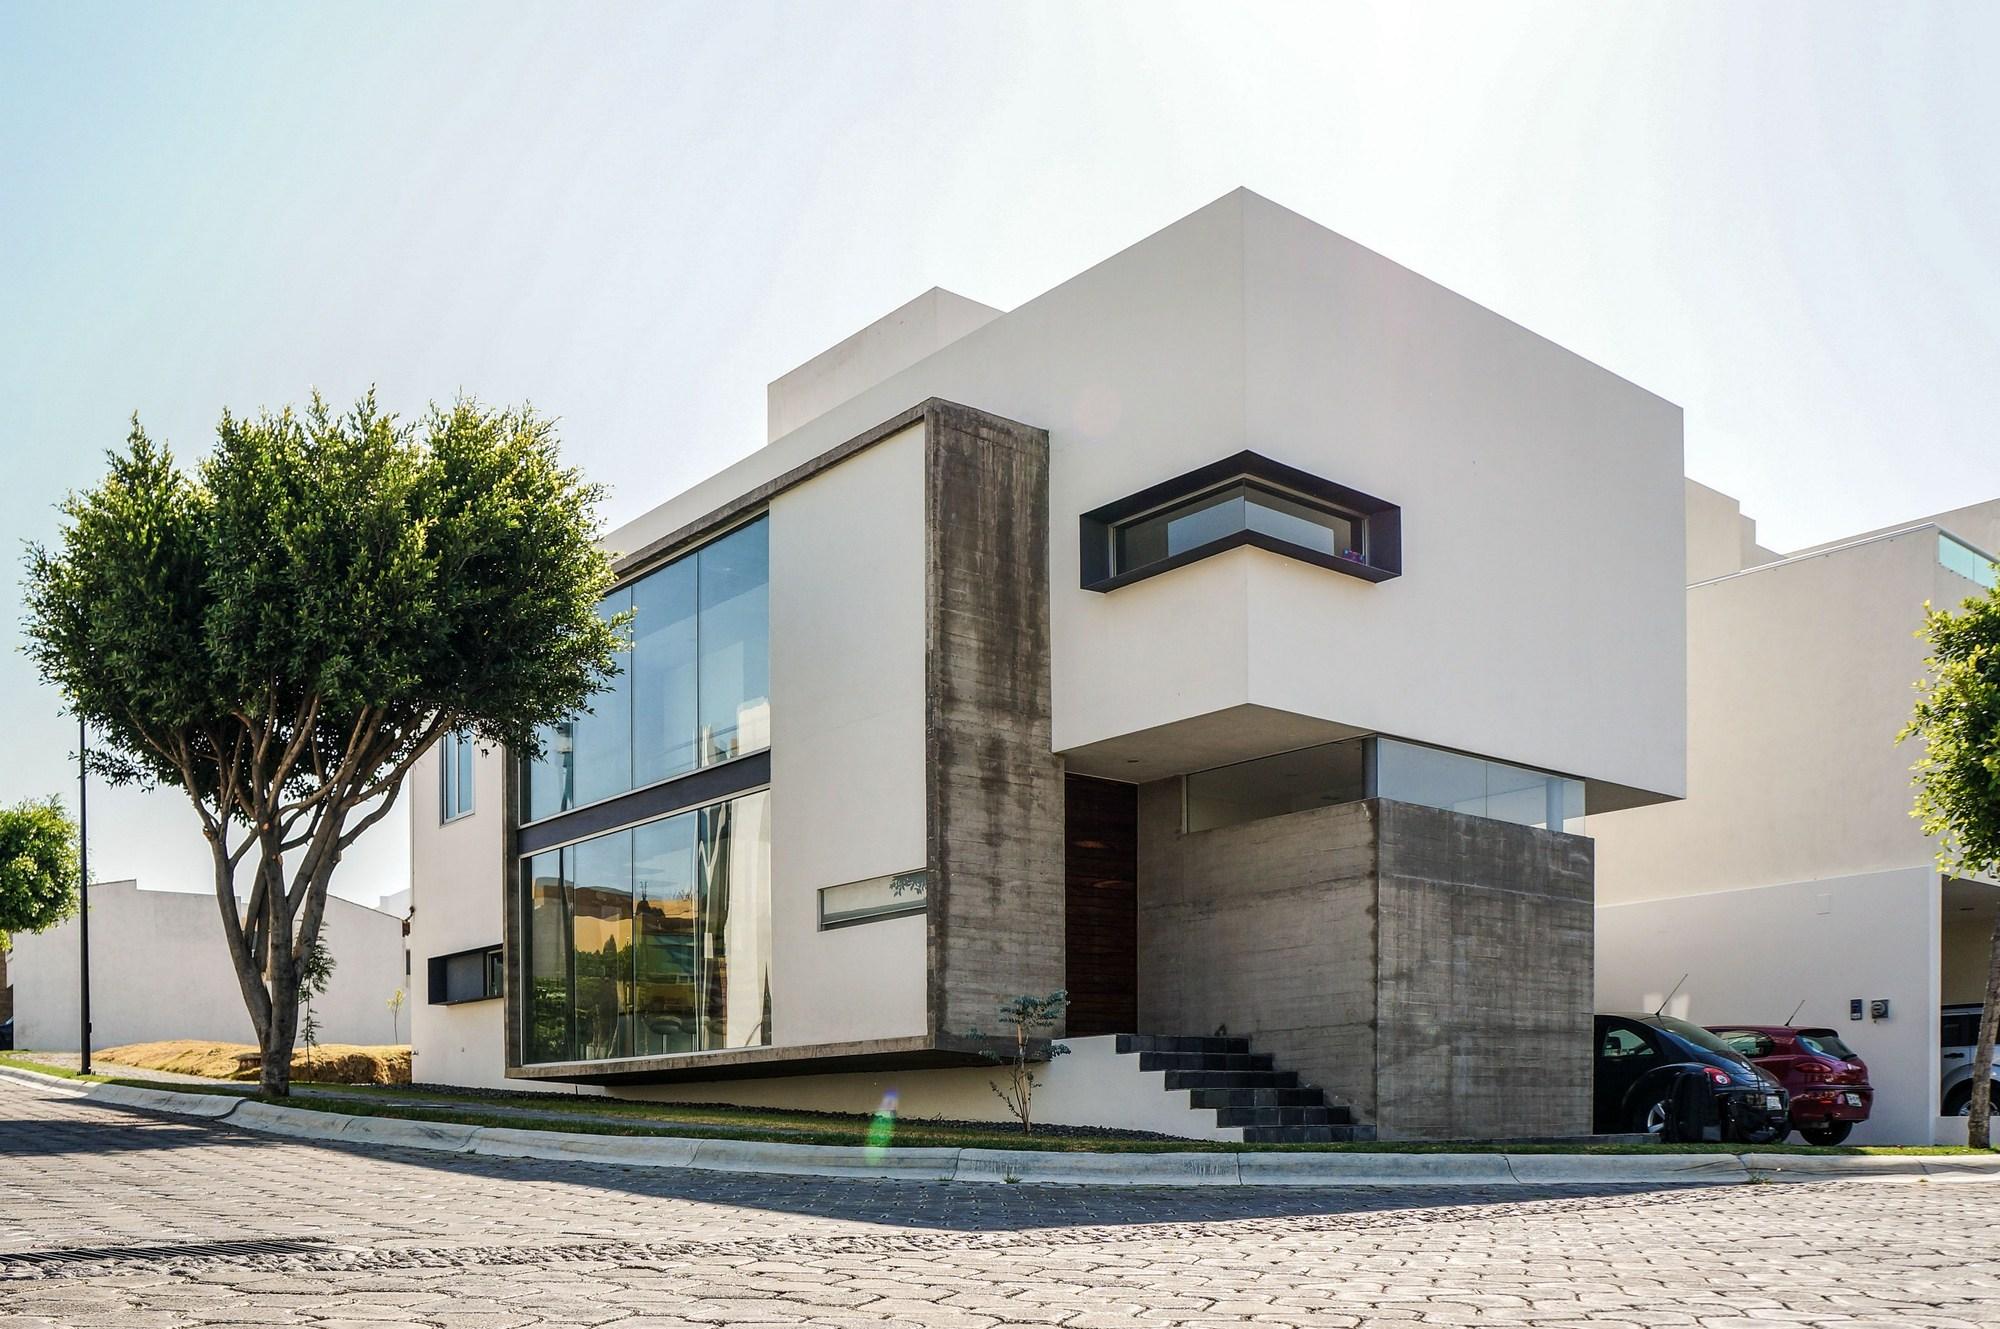 Casa orea dionne arquitectos plataforma arquitectura for Arquitectura casa